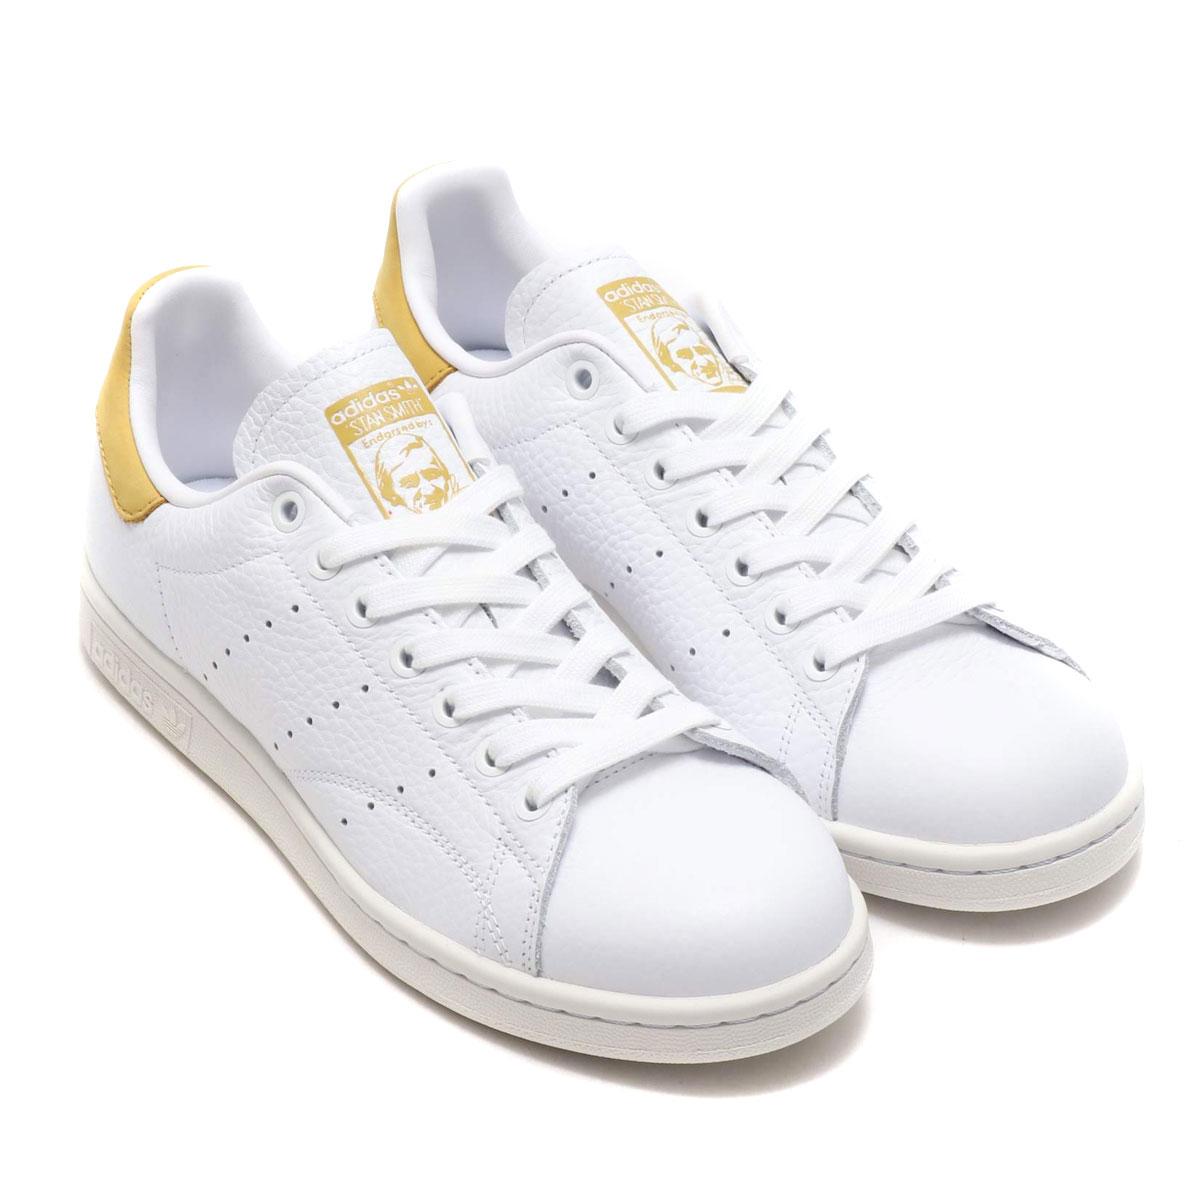 adidas Originals STAN SMITH(アディダスオリジナルス スタンスミス)RUNNING WHITE/RUNNING WHITE/【メンズ レディース ス...